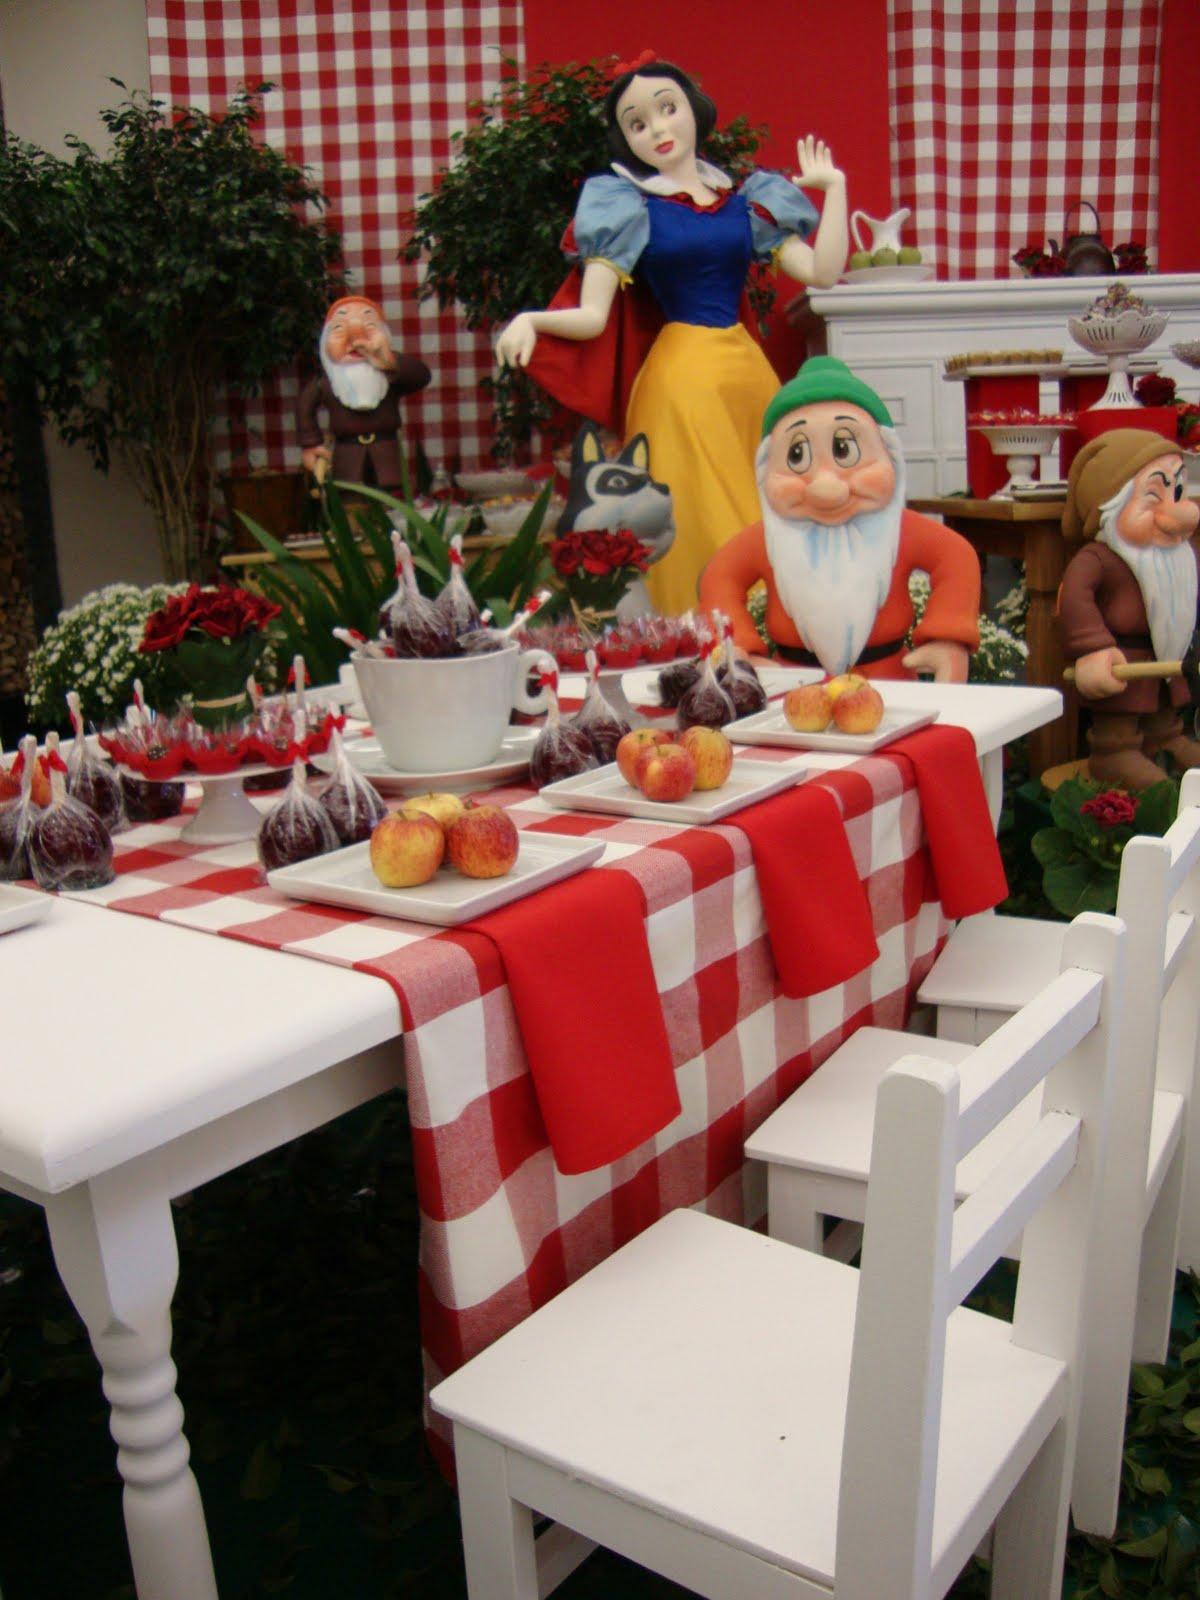 decoracao clean festa infantil branca de neve : decoracao clean festa infantil branca de neve:Gosto que se Discute: 28/06/2010